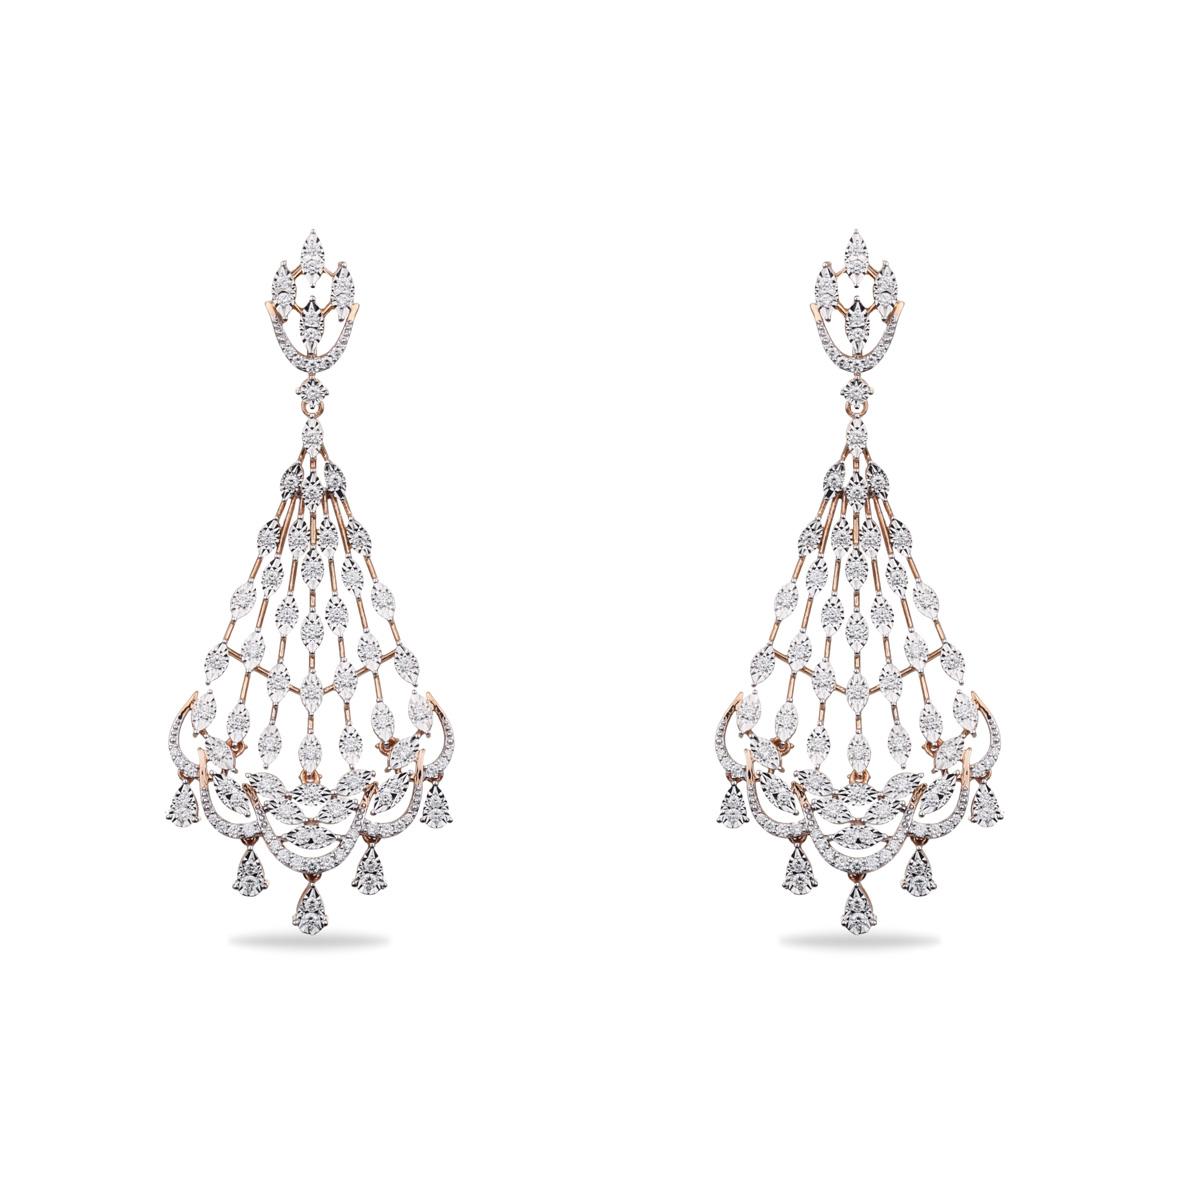 Dactylio Diamond Earrings